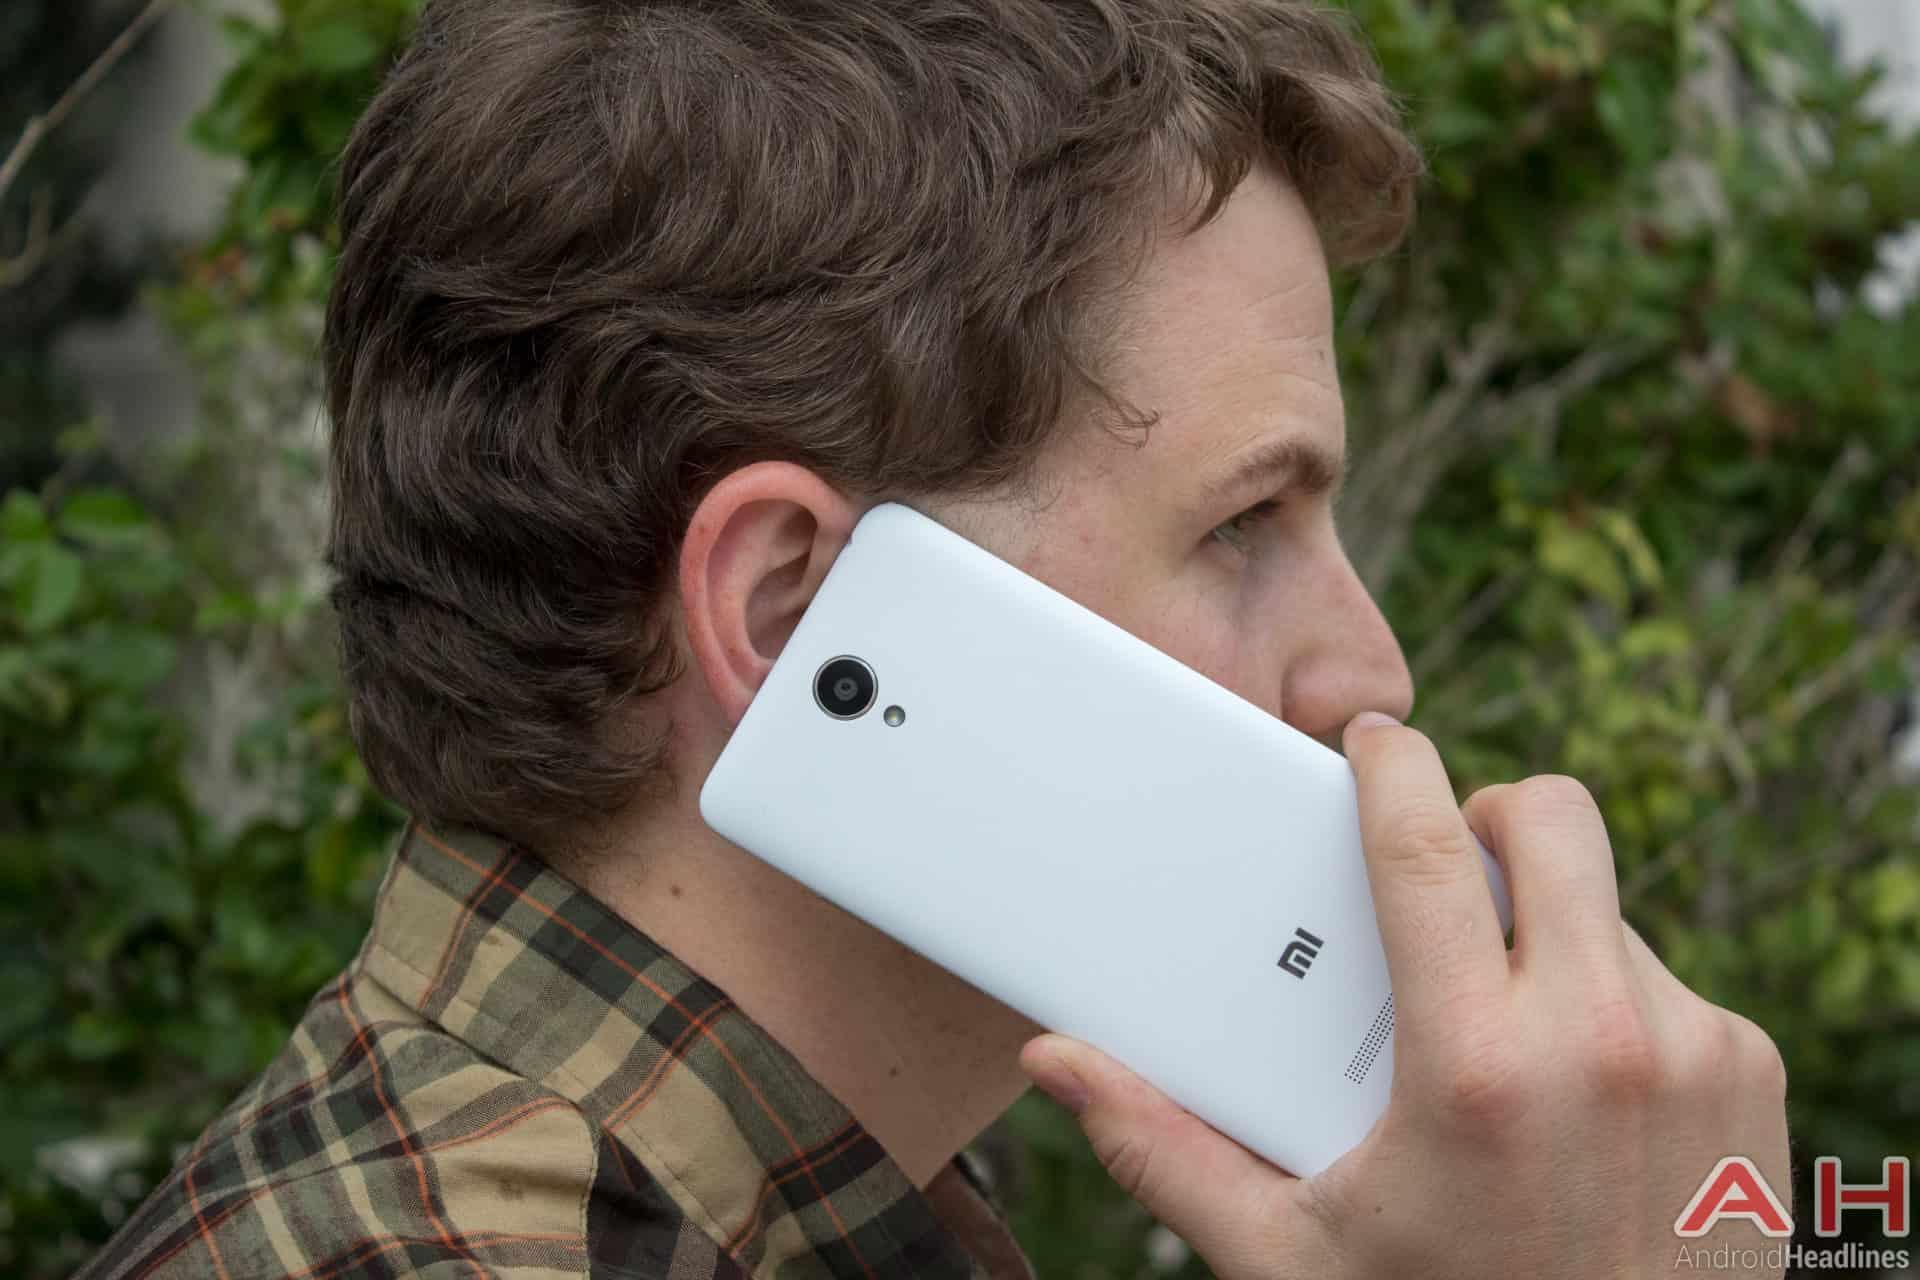 Xiaomi-Redmi-Note-2-AH-phone